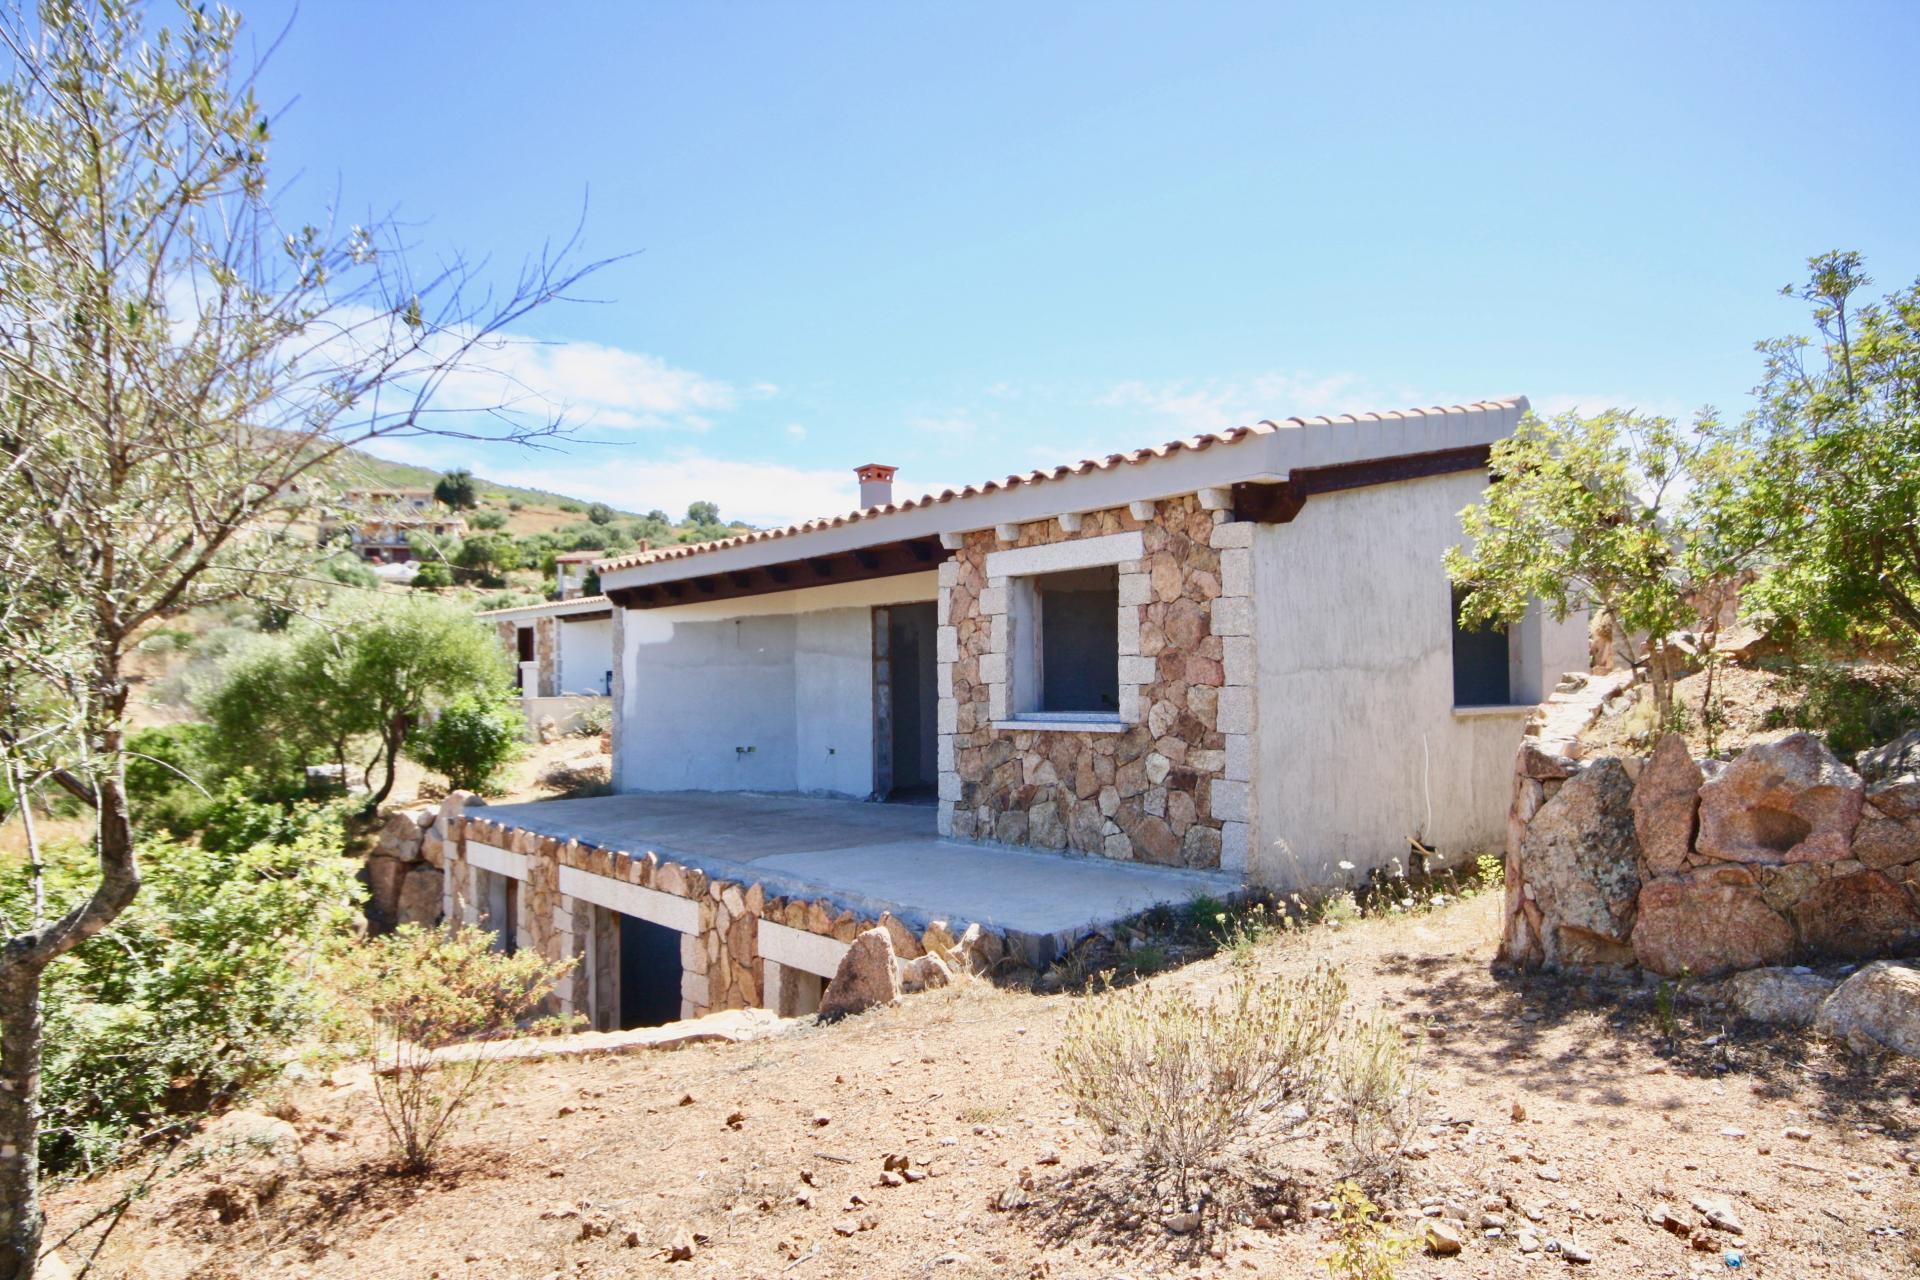 Villa in vendita a Loiri Porto San Paolo, 4 locali, zona Località: PortoSanPaolo, prezzo € 395.000 | CambioCasa.it